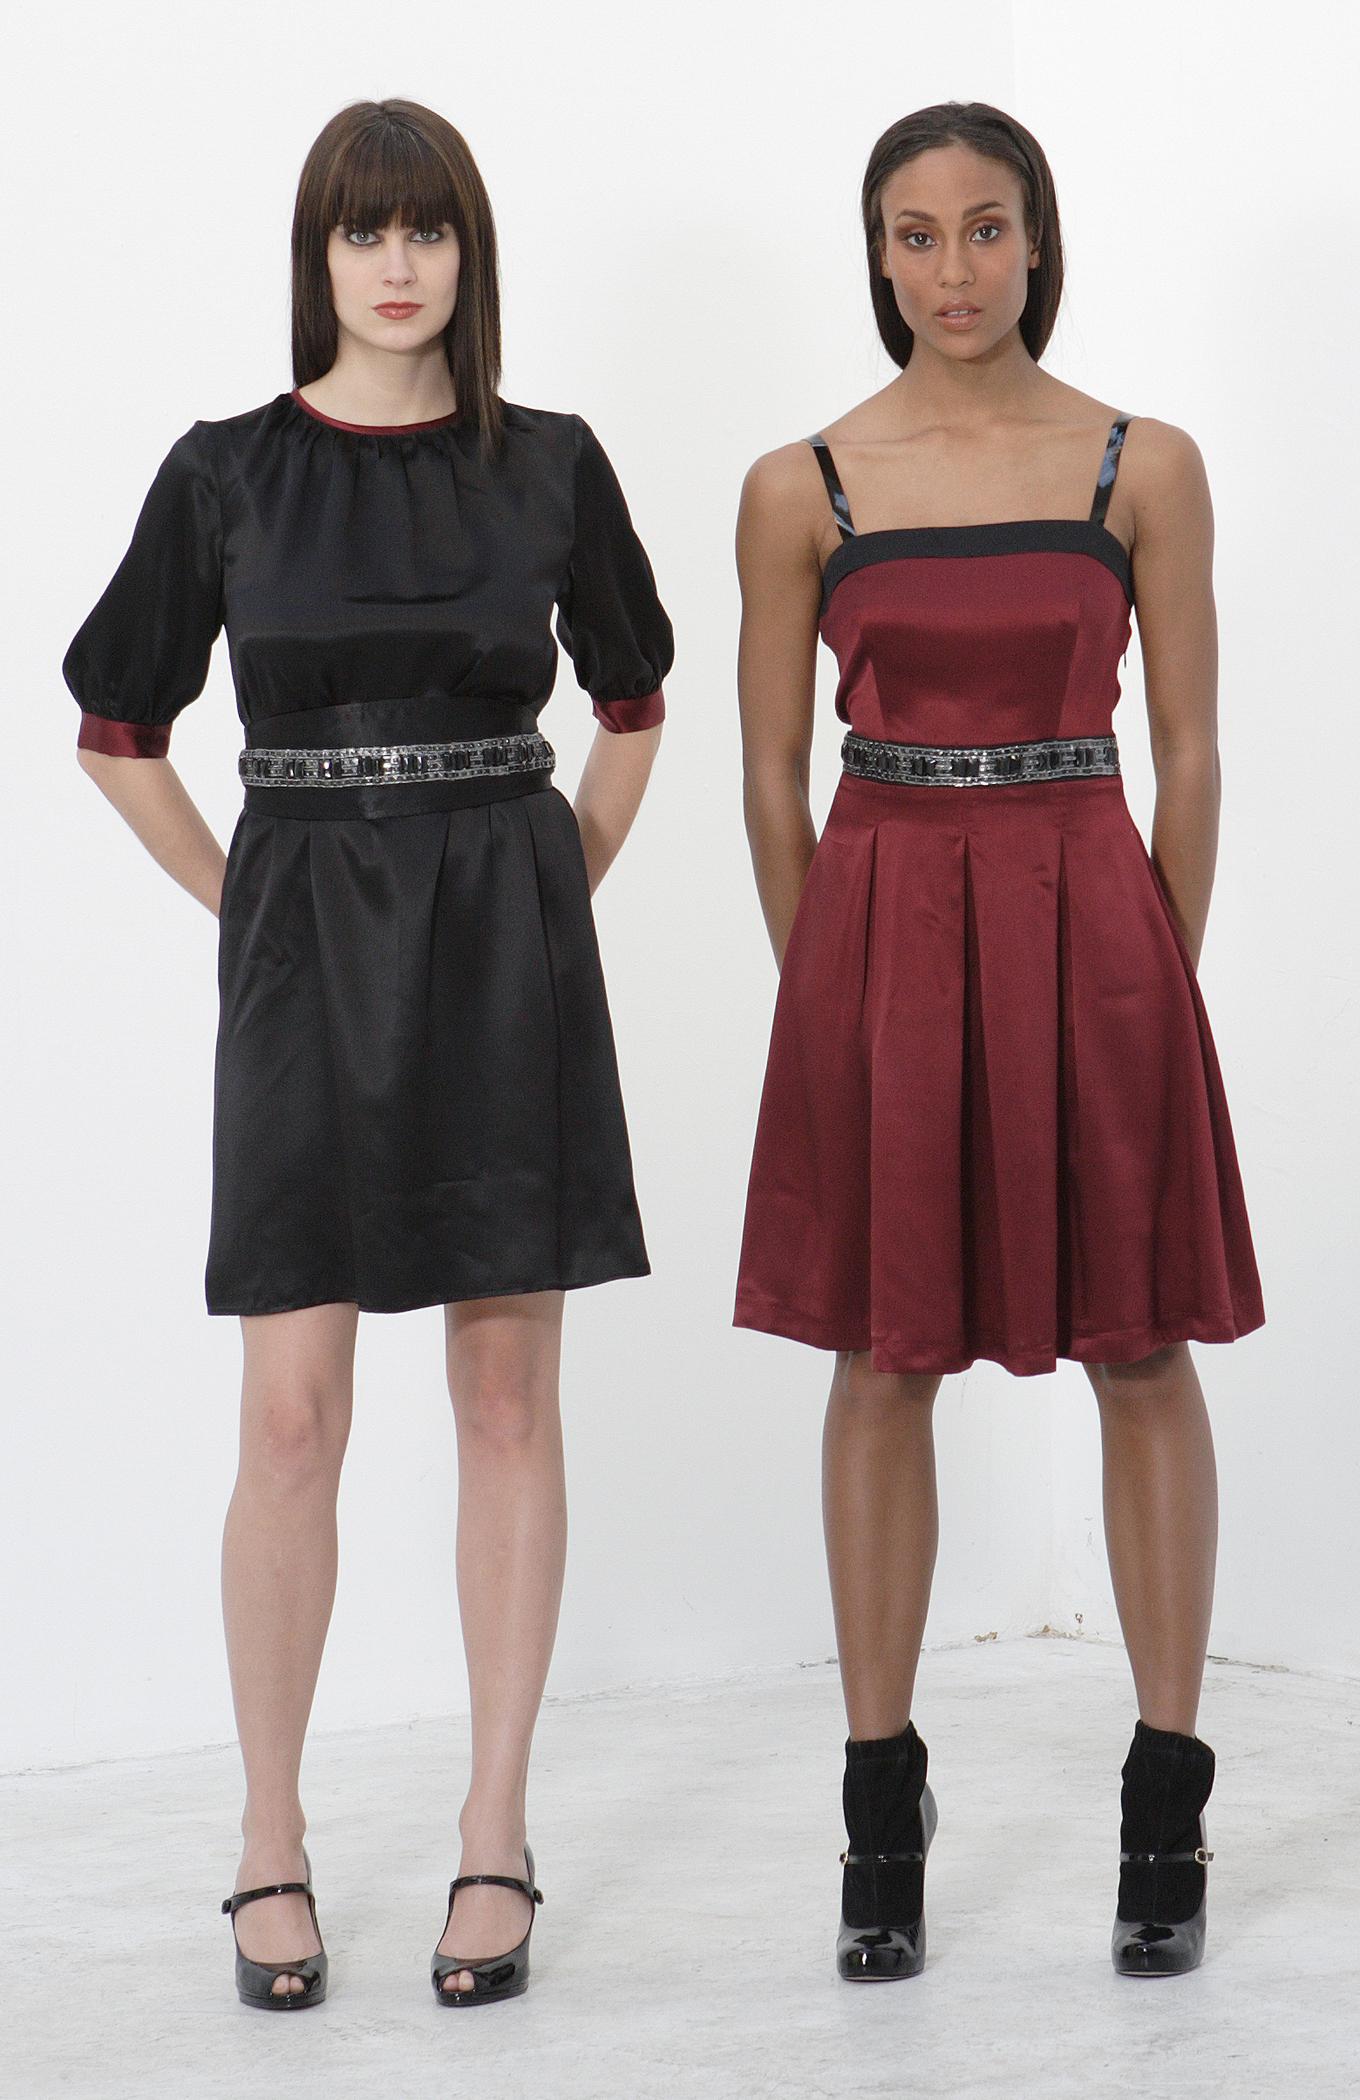 Silk Charmeuse Pleat Cami Sheath Dress w/ Jeweled Obi Belt   Silk Charmeuse Pleat Cami Dress w/ Patent Straps & JeweledWaist.